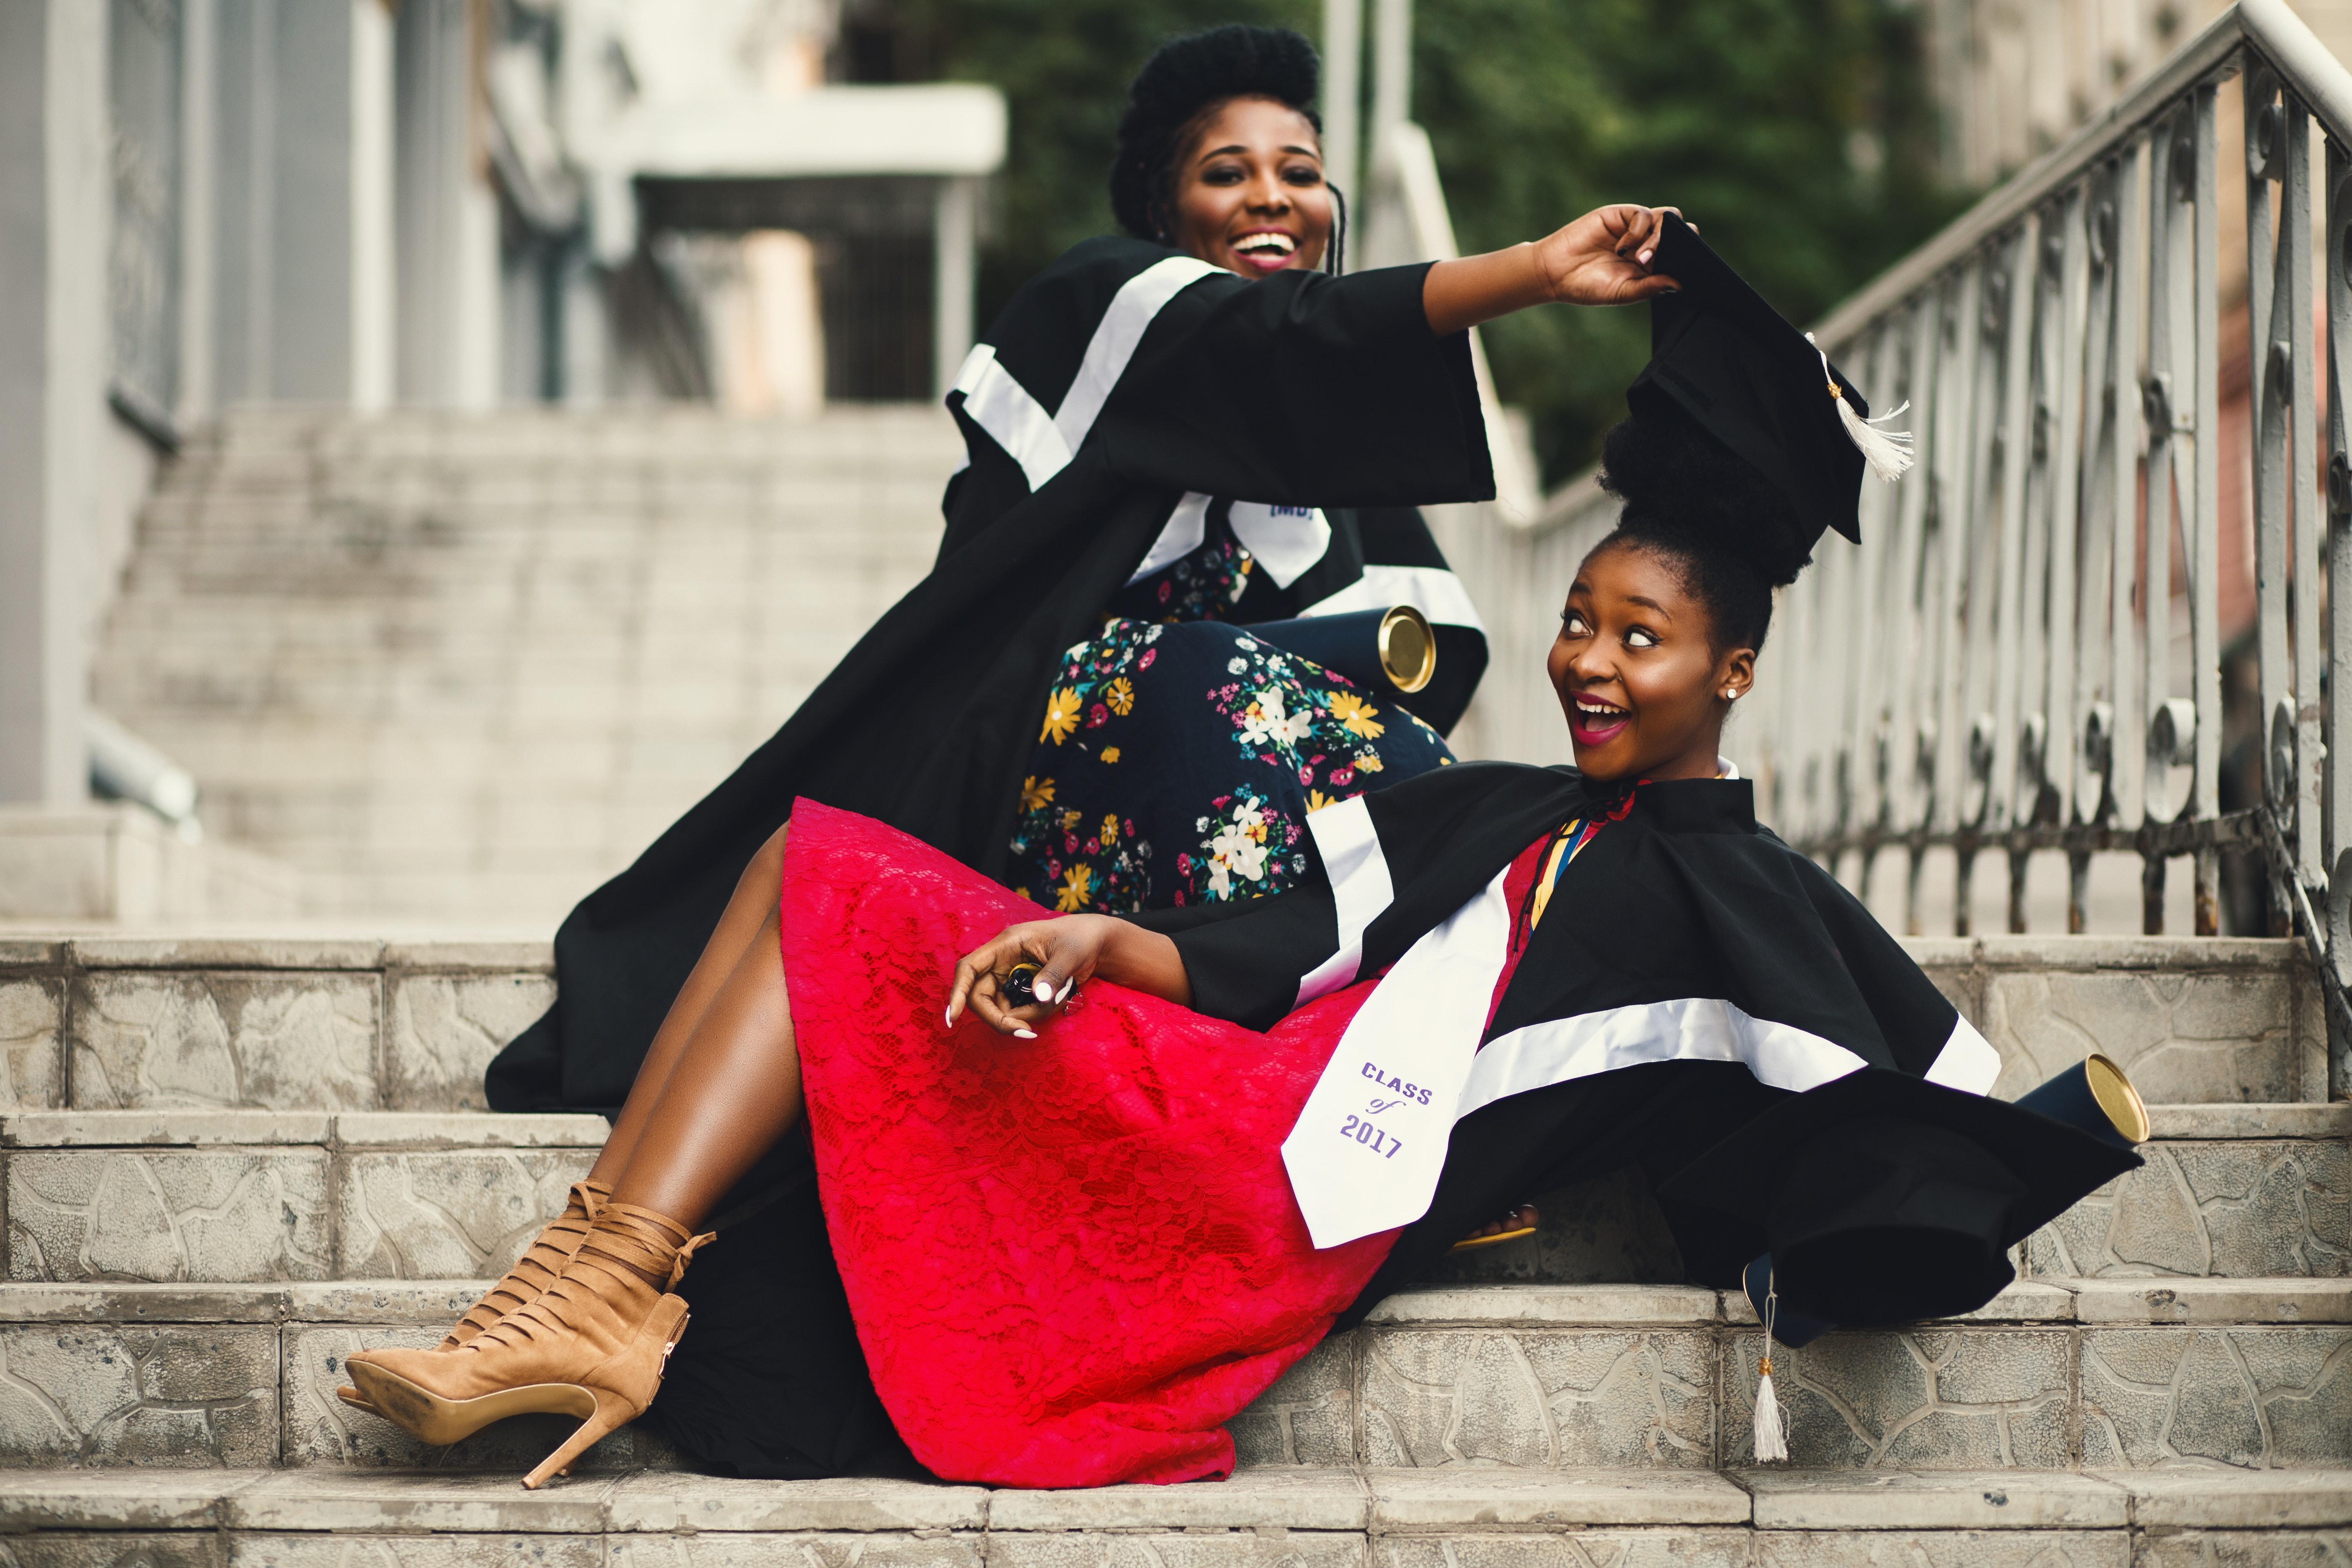 英国大学留学申请条件高不高?三大基本条件你都满足了吗?